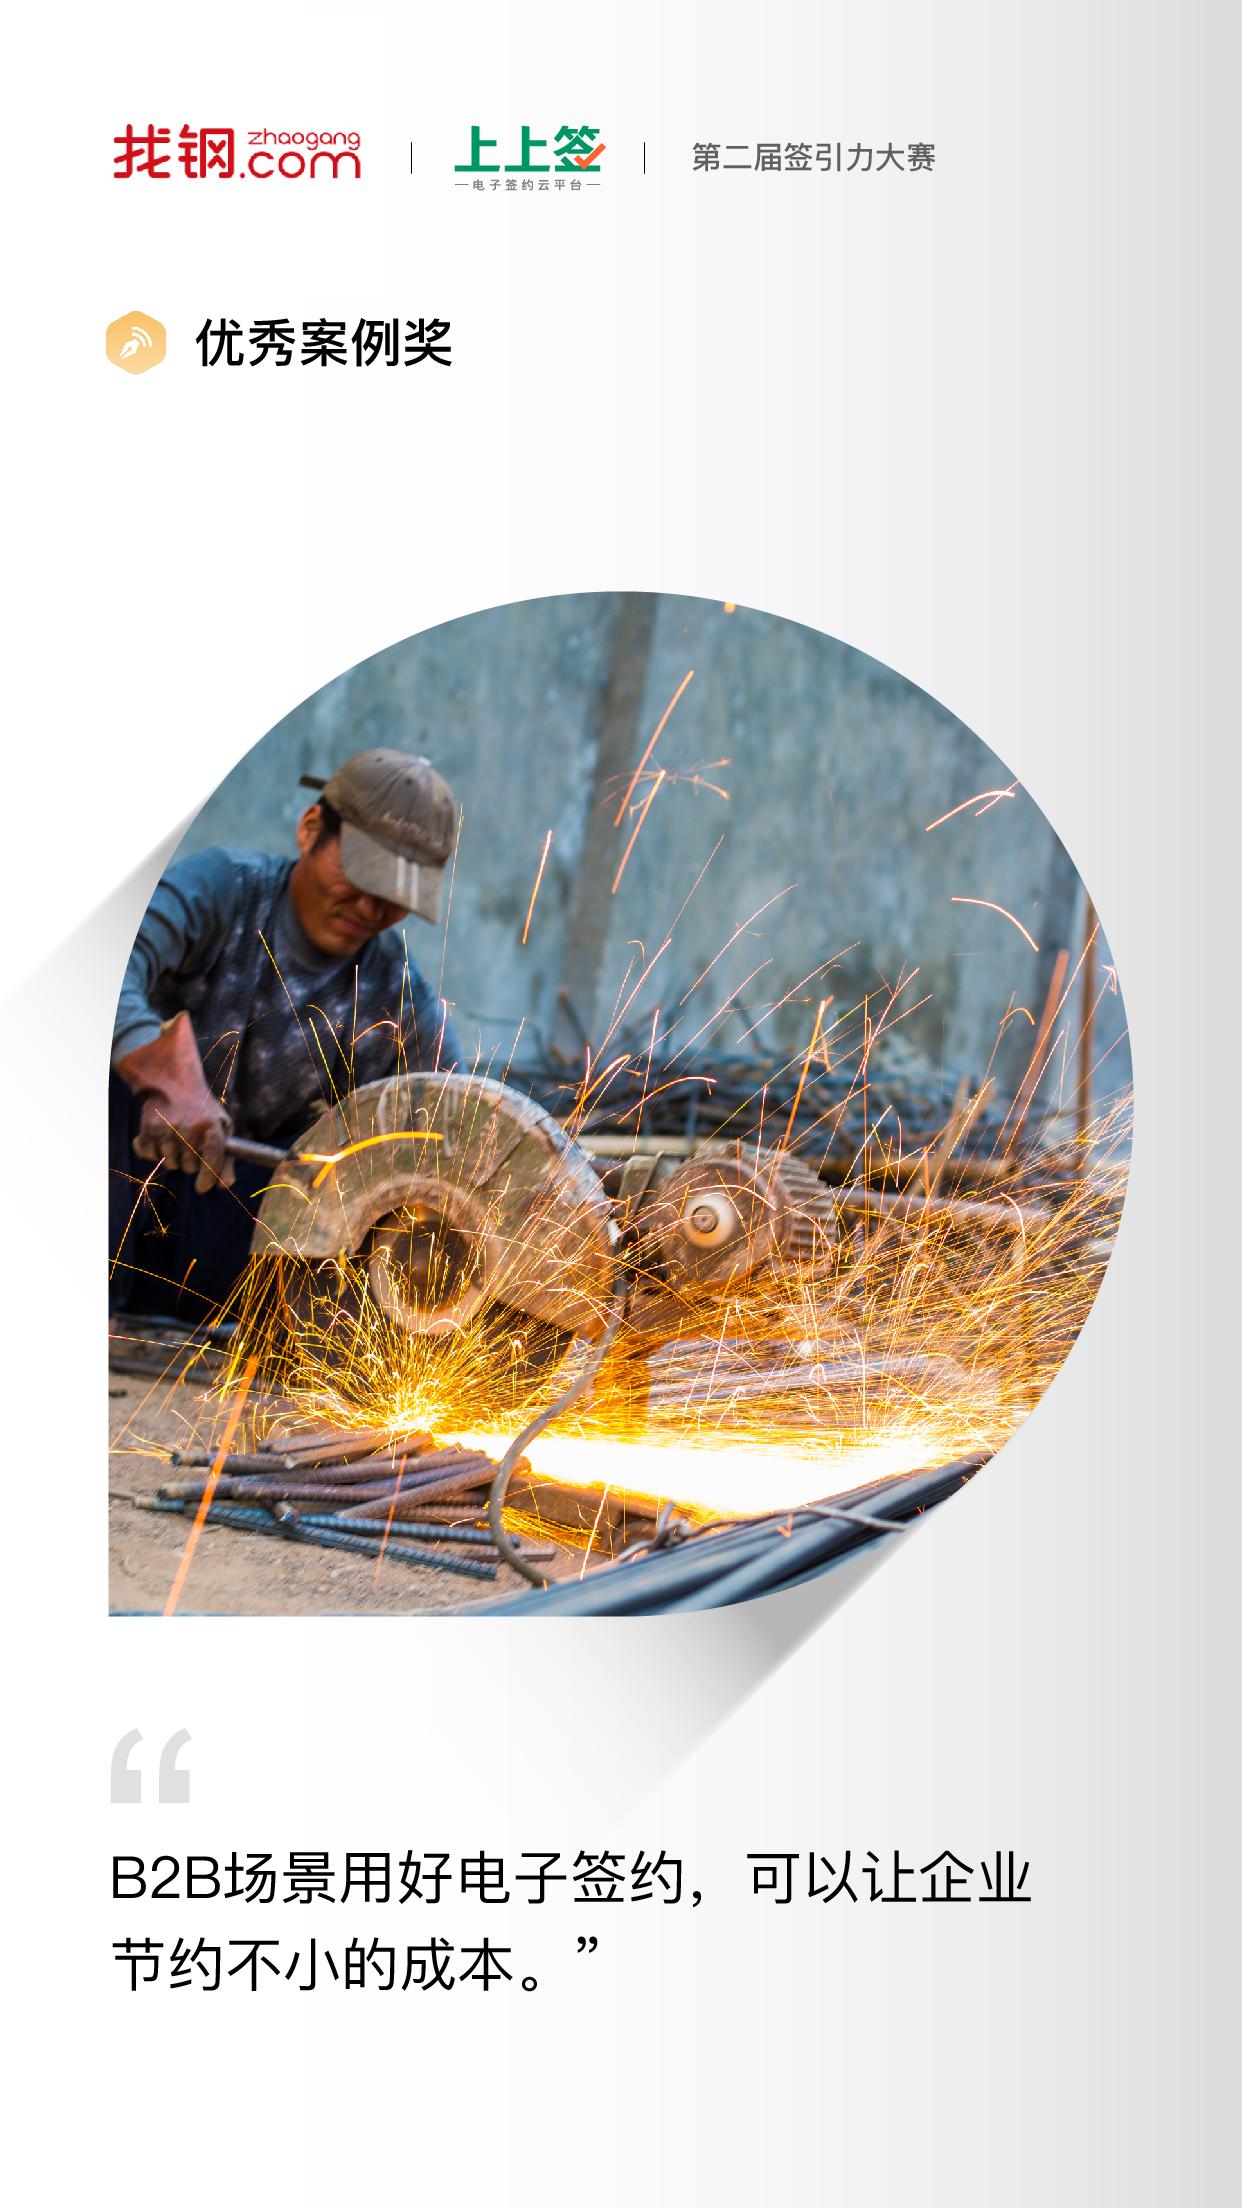 找钢网应用上上签电子签约提升供应链运营效率